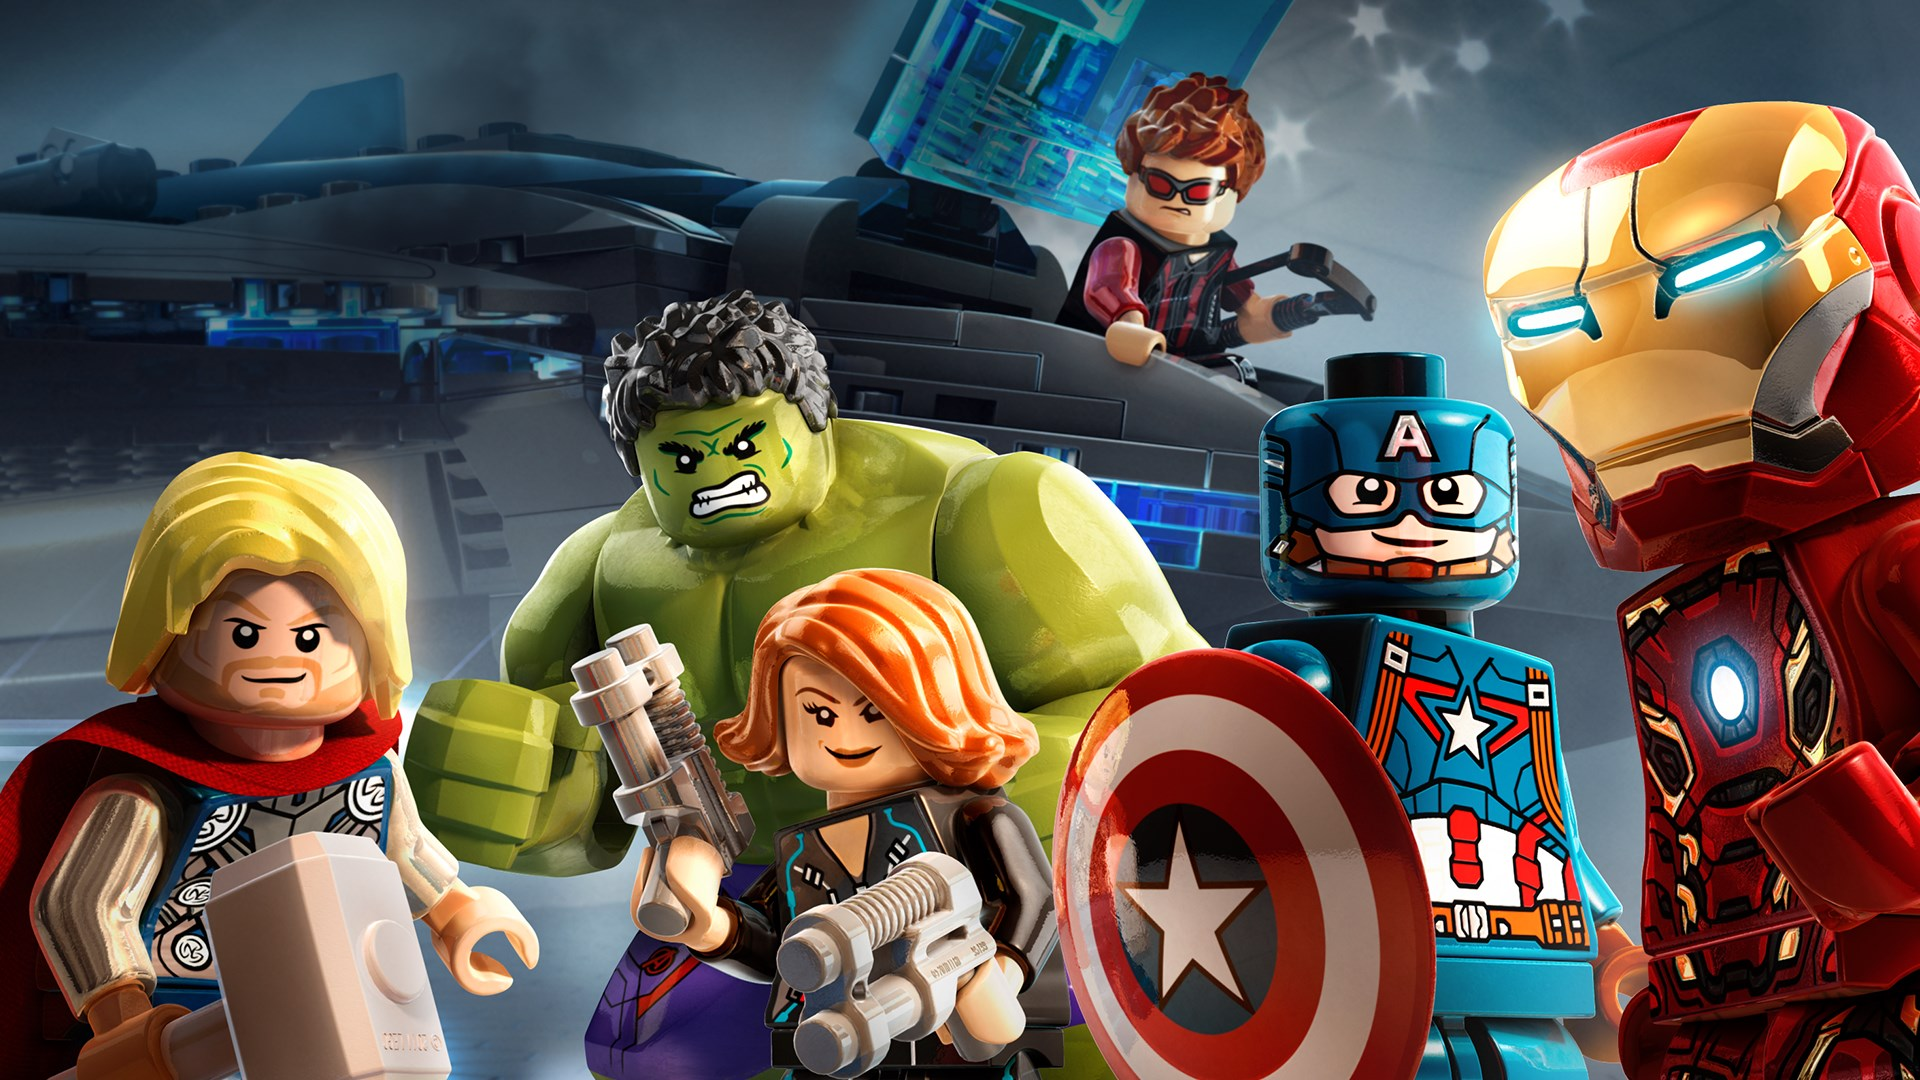 Los mejores trucos, códigos y guías de Lego Marvel Avengers